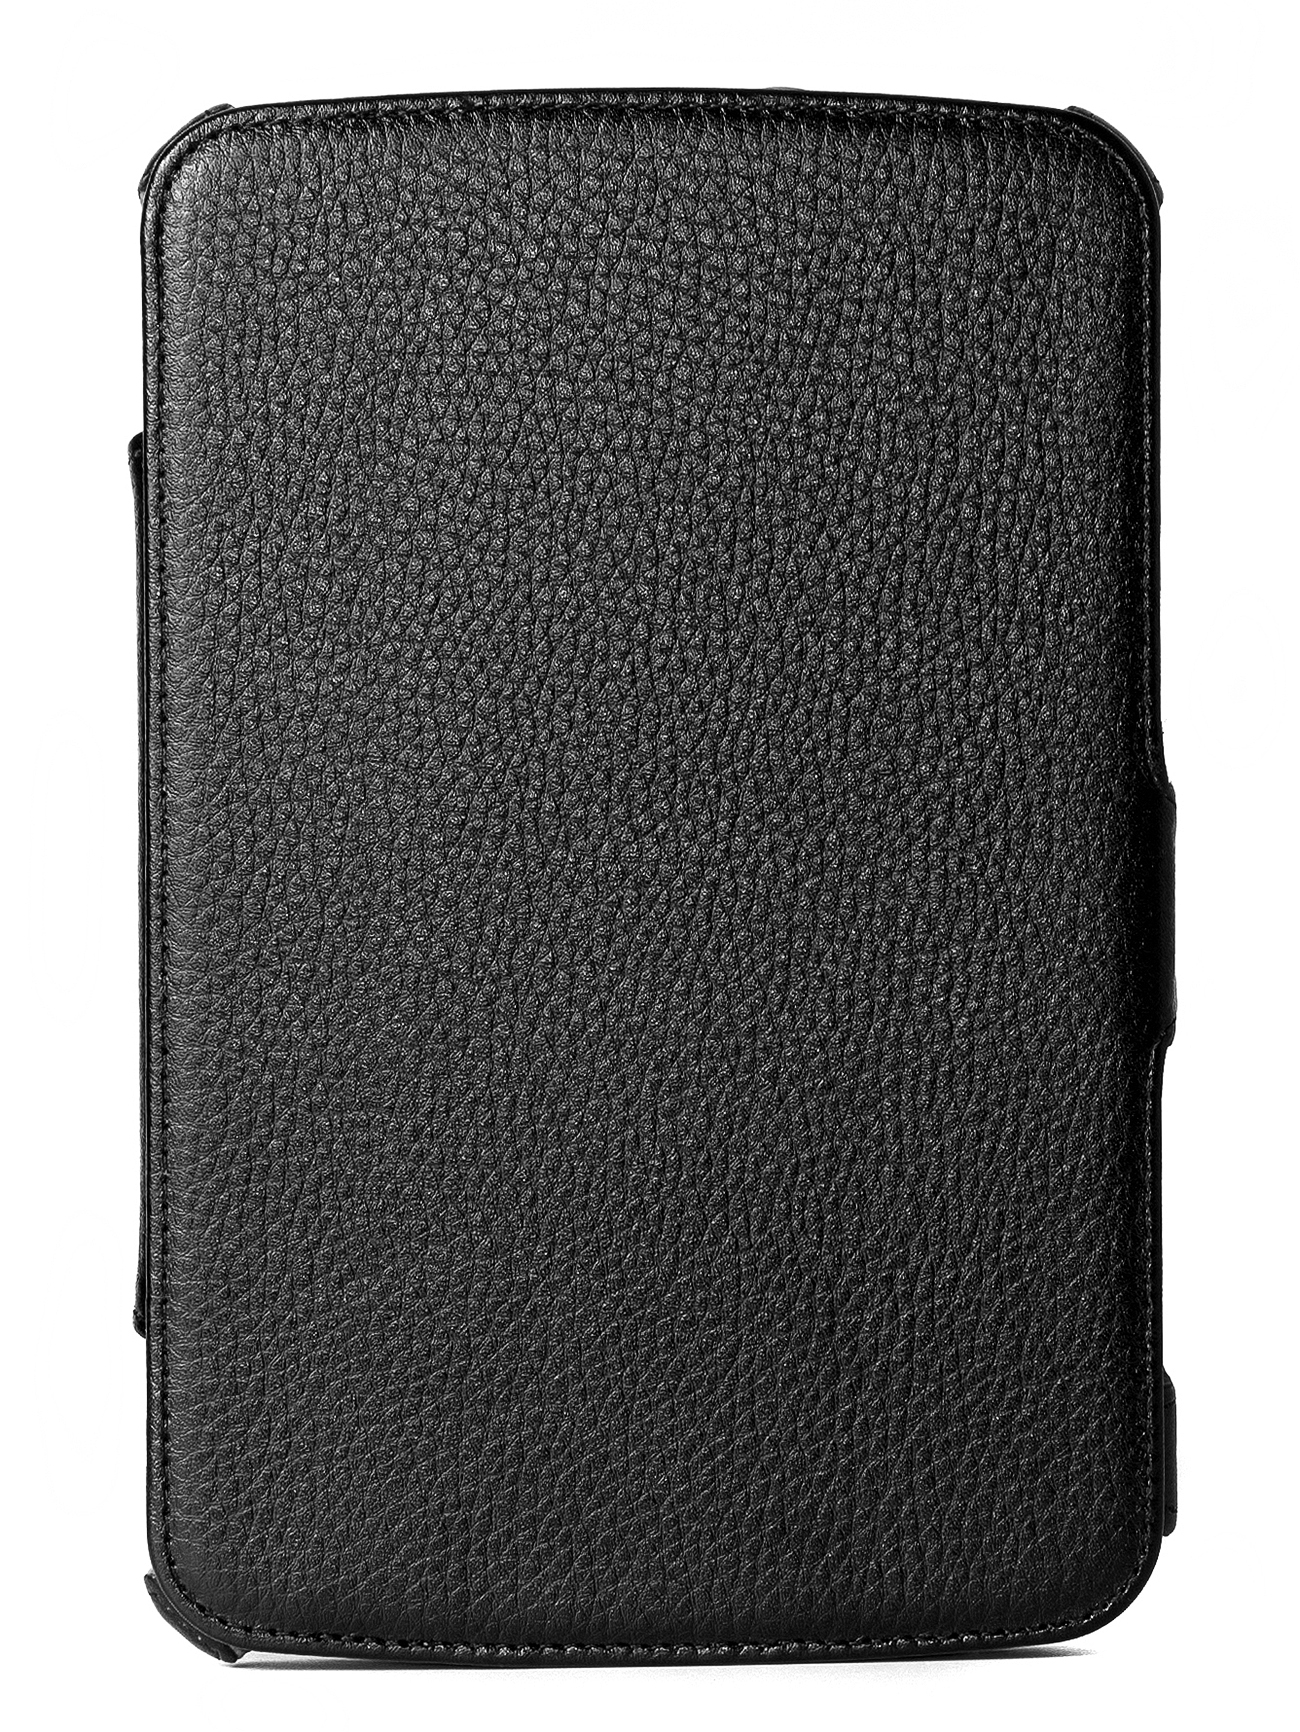 Чехол EGGO для Samsung Galaxy Note 8.0 N5100/N5110/N5120 (Черный)